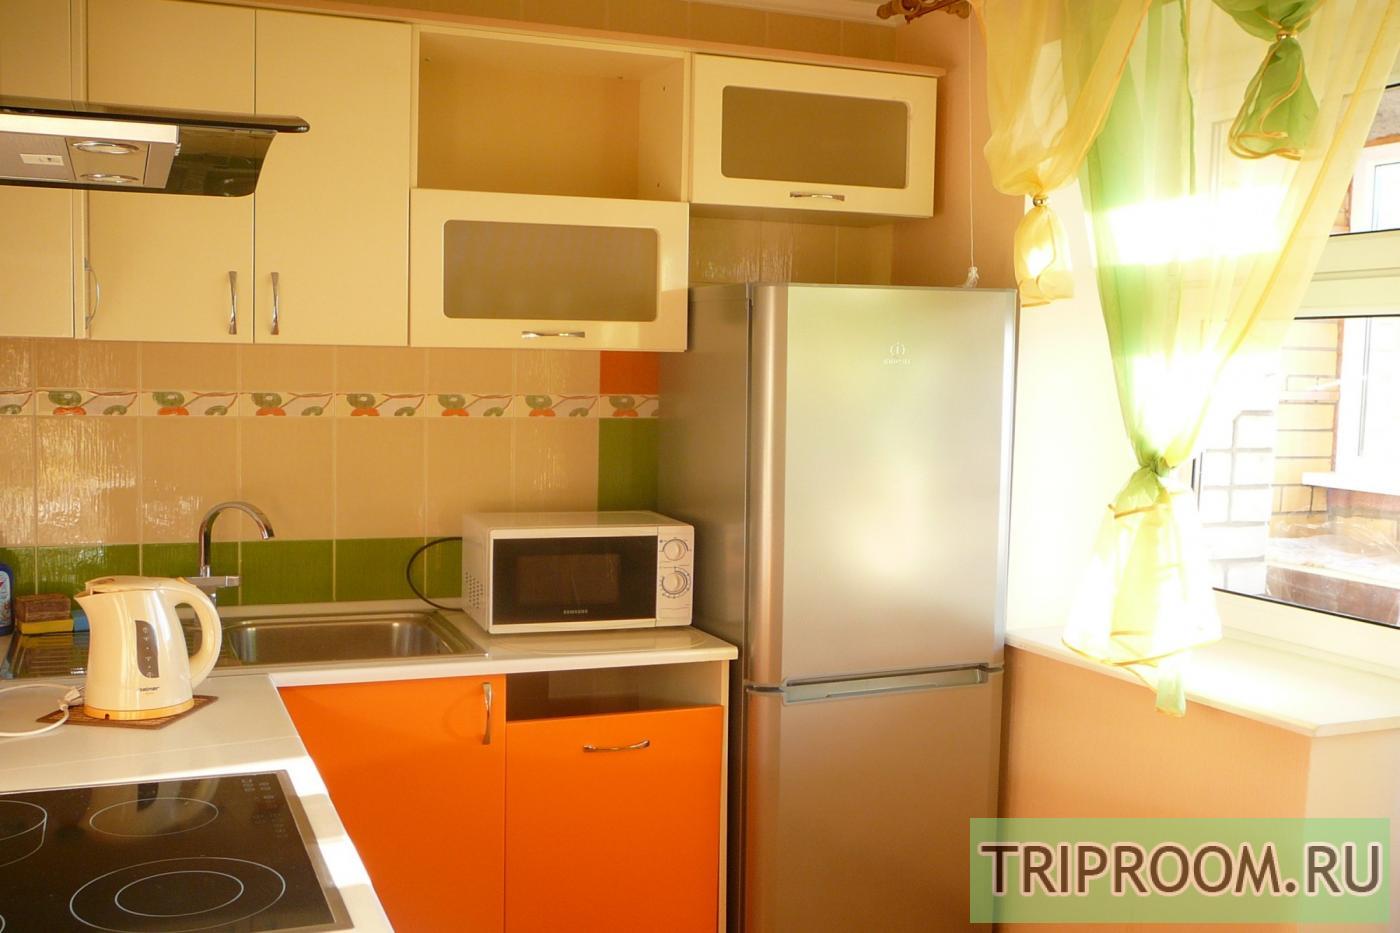 1-комнатная квартира посуточно (вариант № 20895), ул. Ленинский пр-т, фото № 4